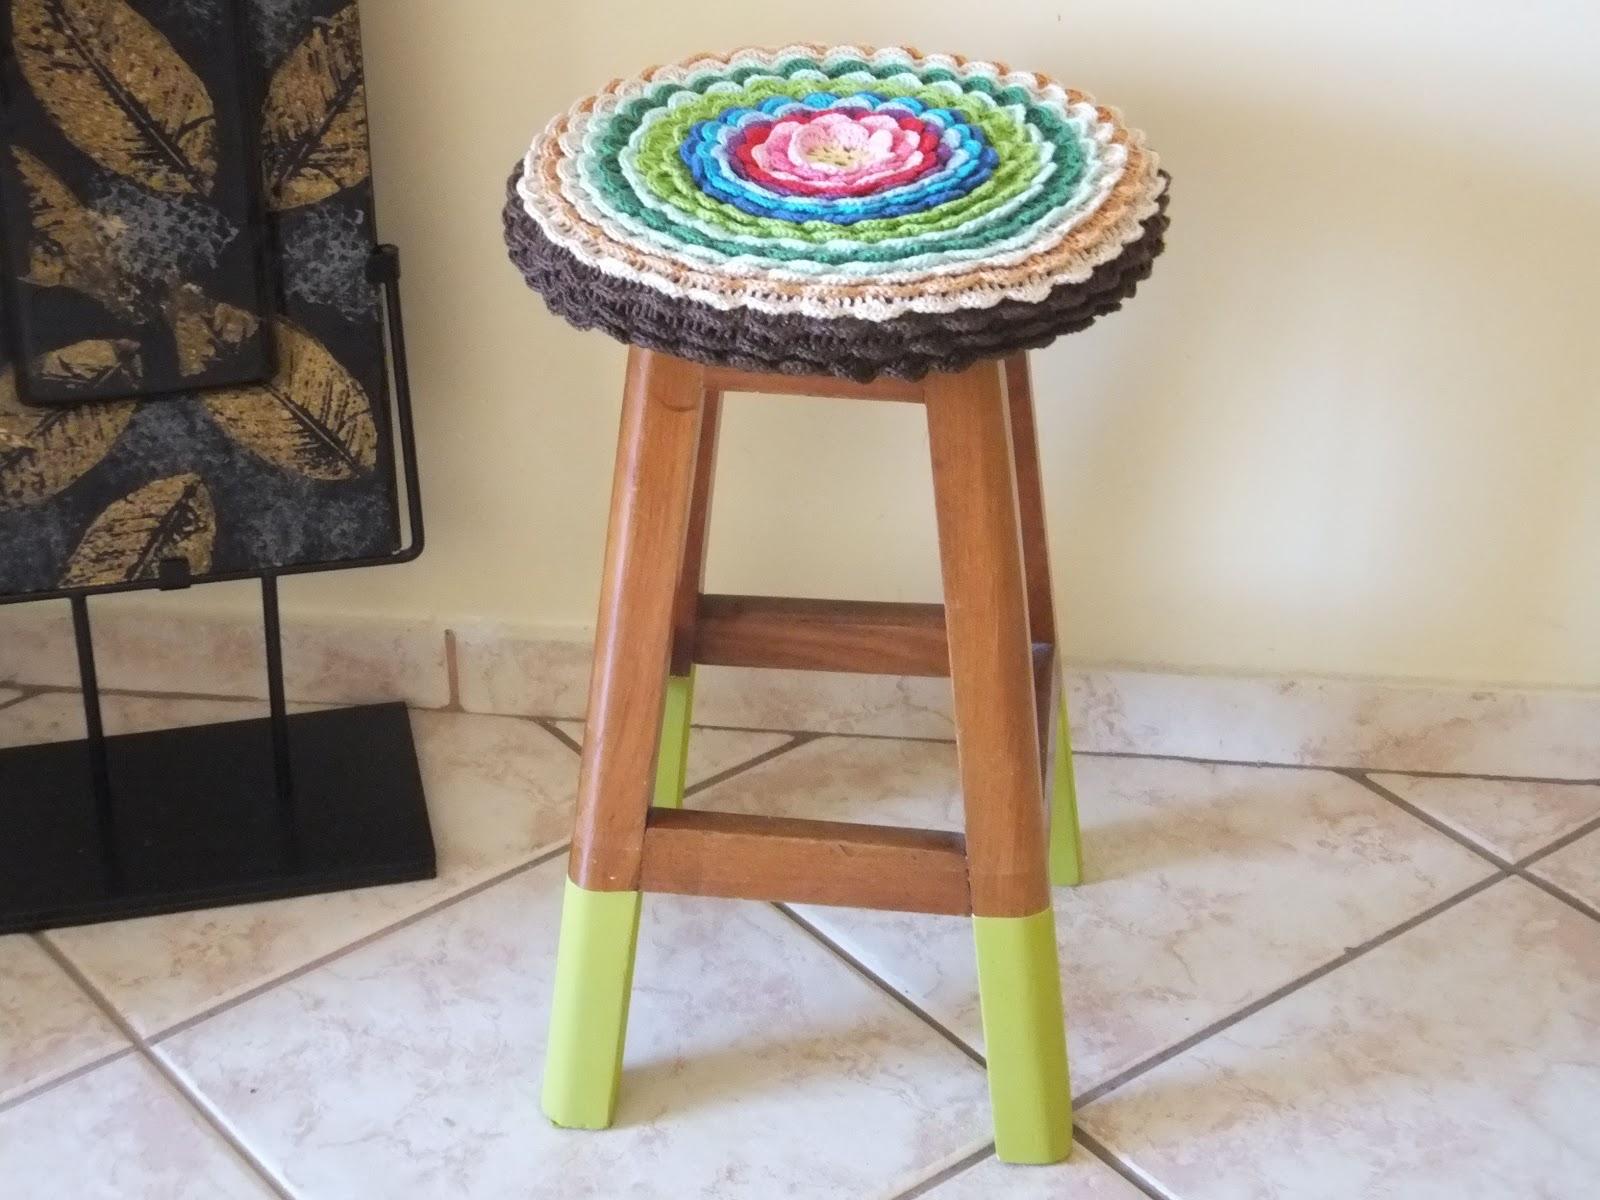 Monkeys Lucky: Crochê tinta e banquinho de madeira #905D3B 1600x1200